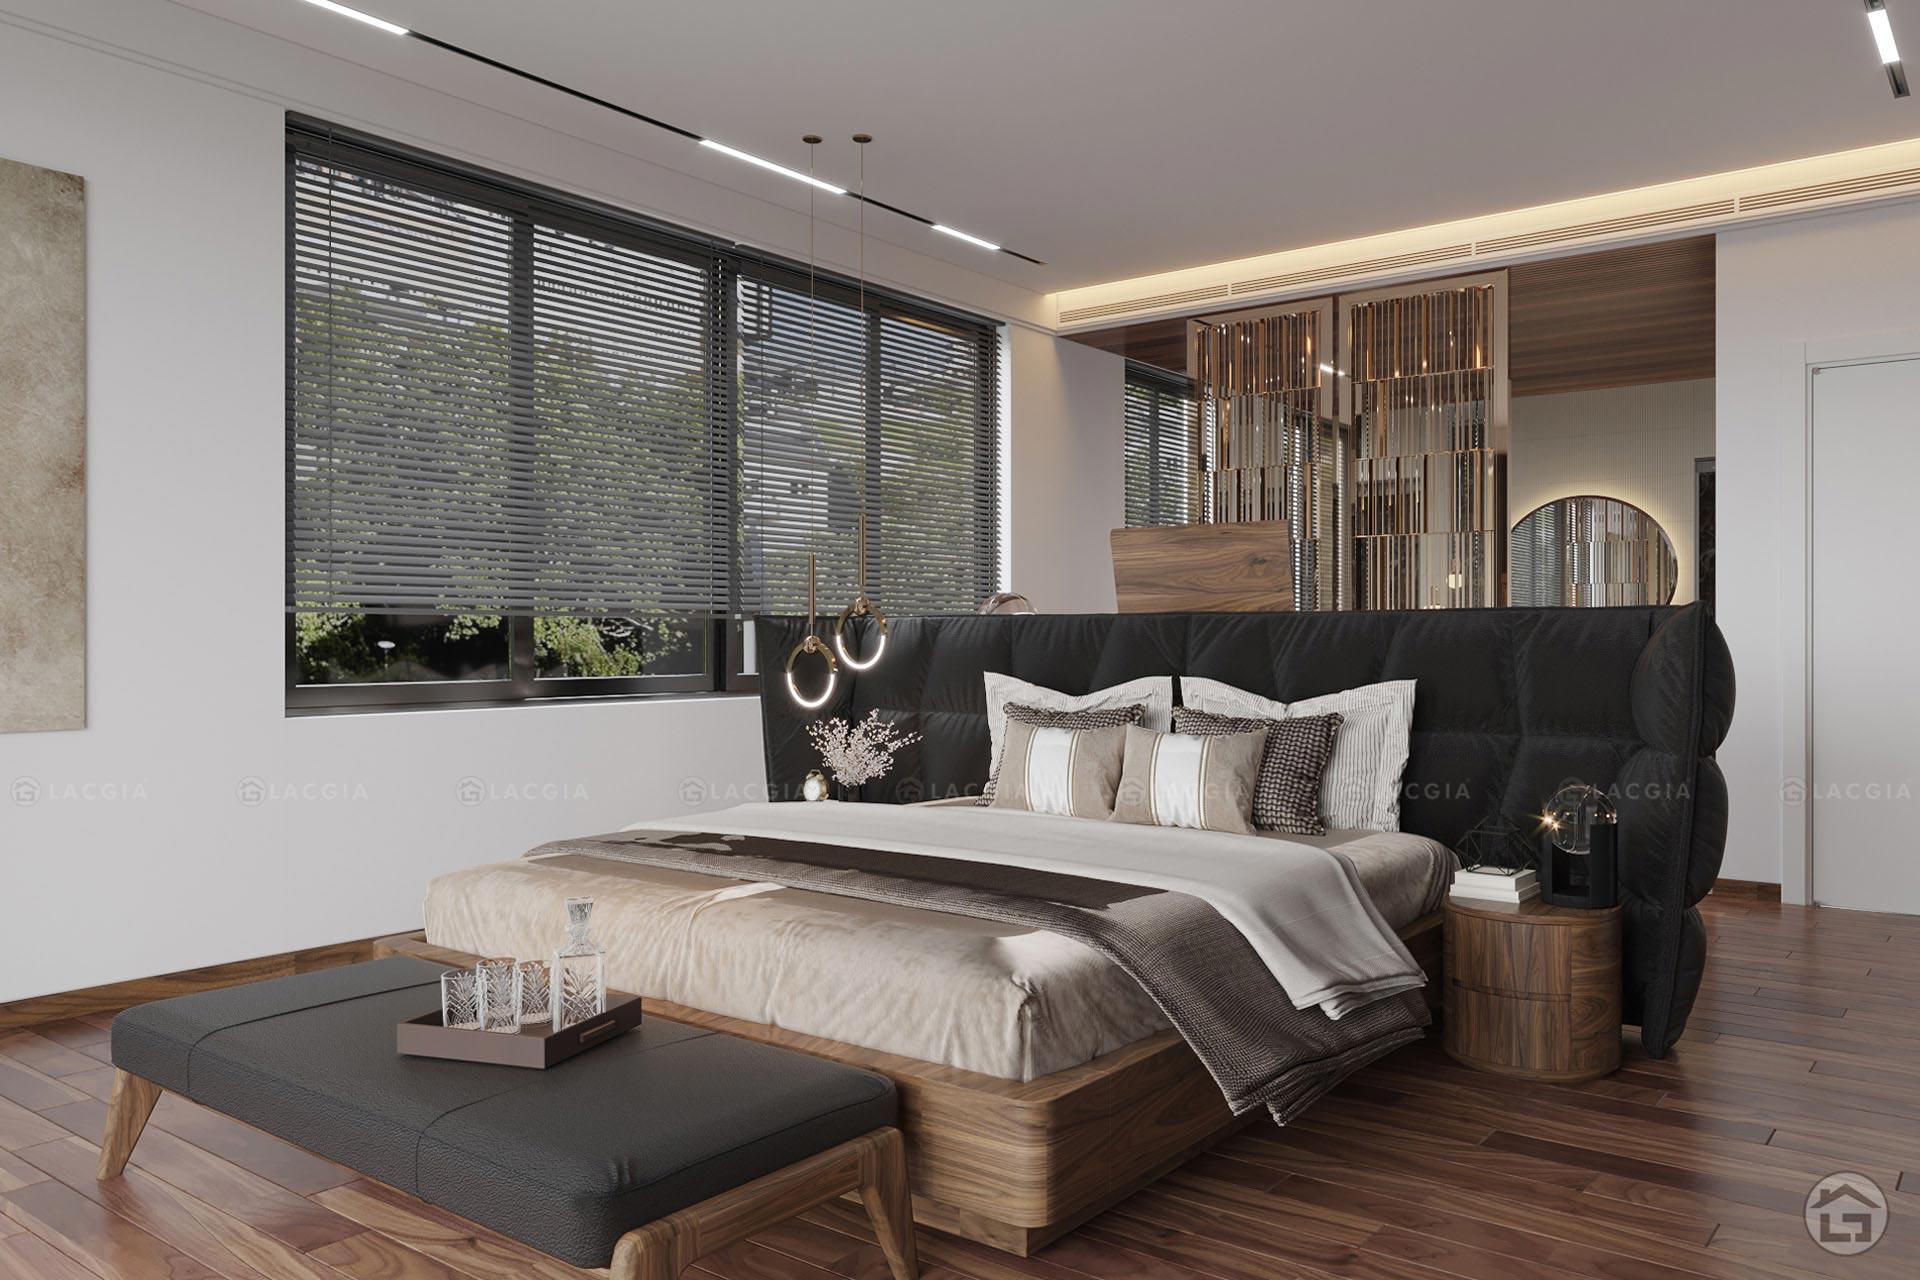 giuong ngu go tu nhien gn22 1 - Giường ngủ gỗ tự nhiên GN22